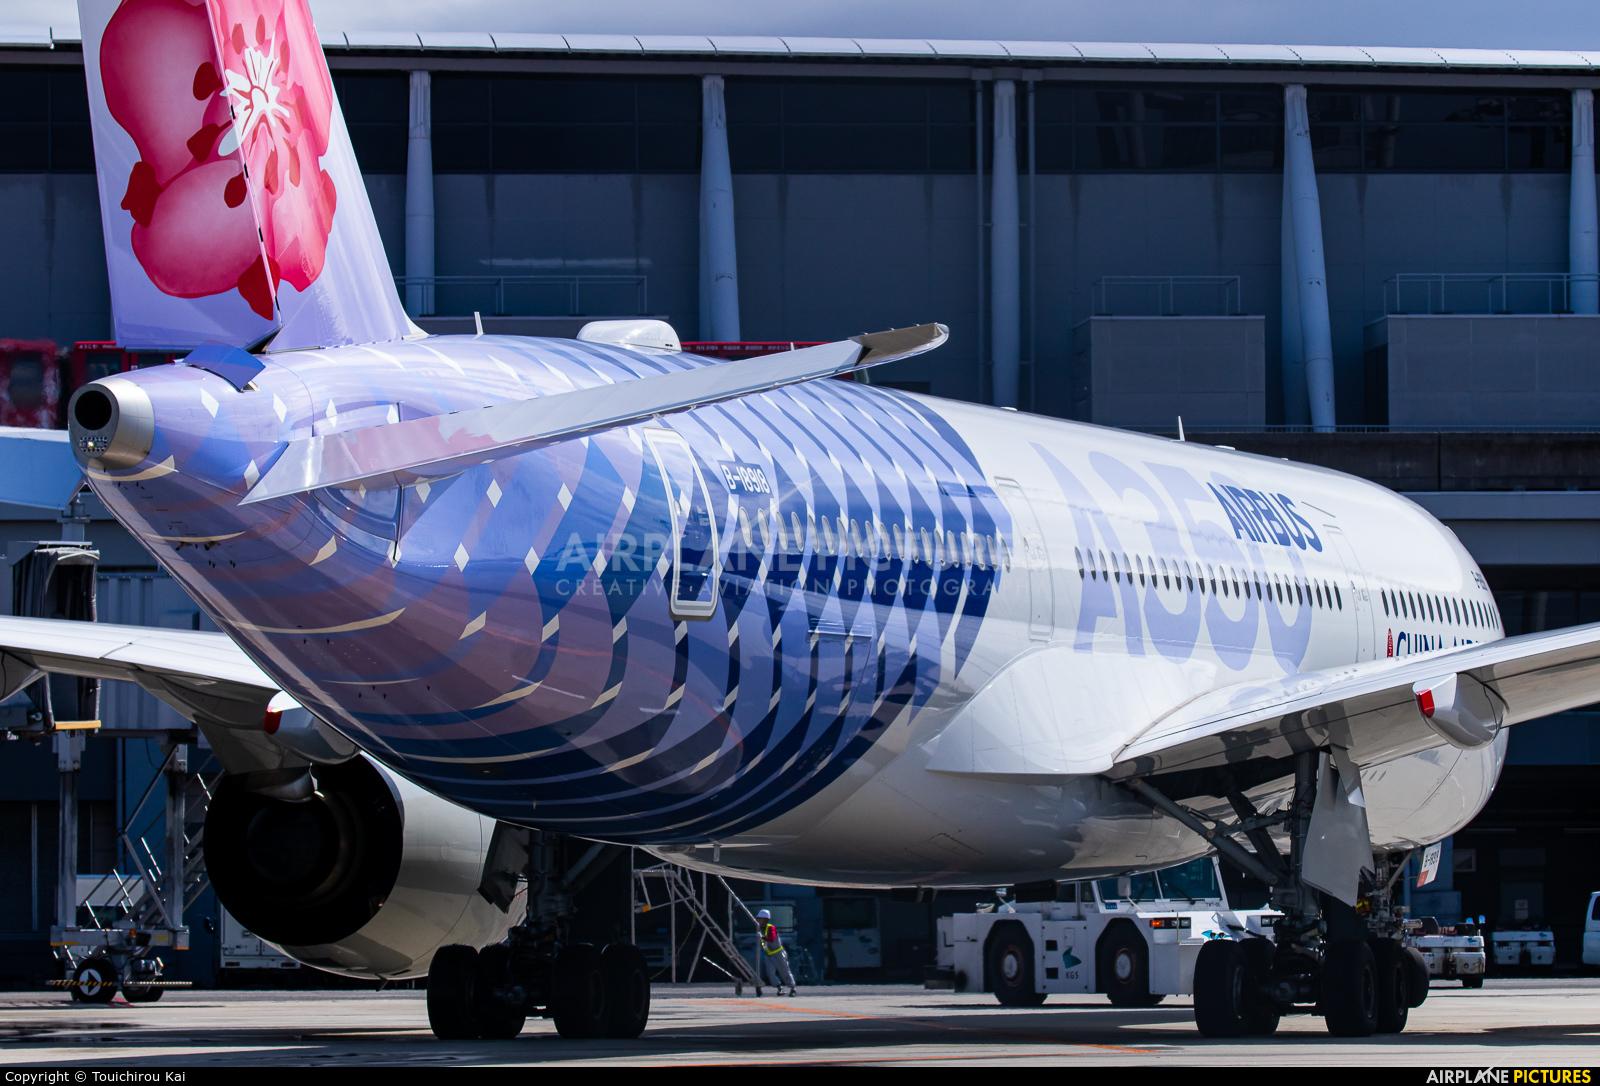 China Airlines B-18918 aircraft at Kansai Intl